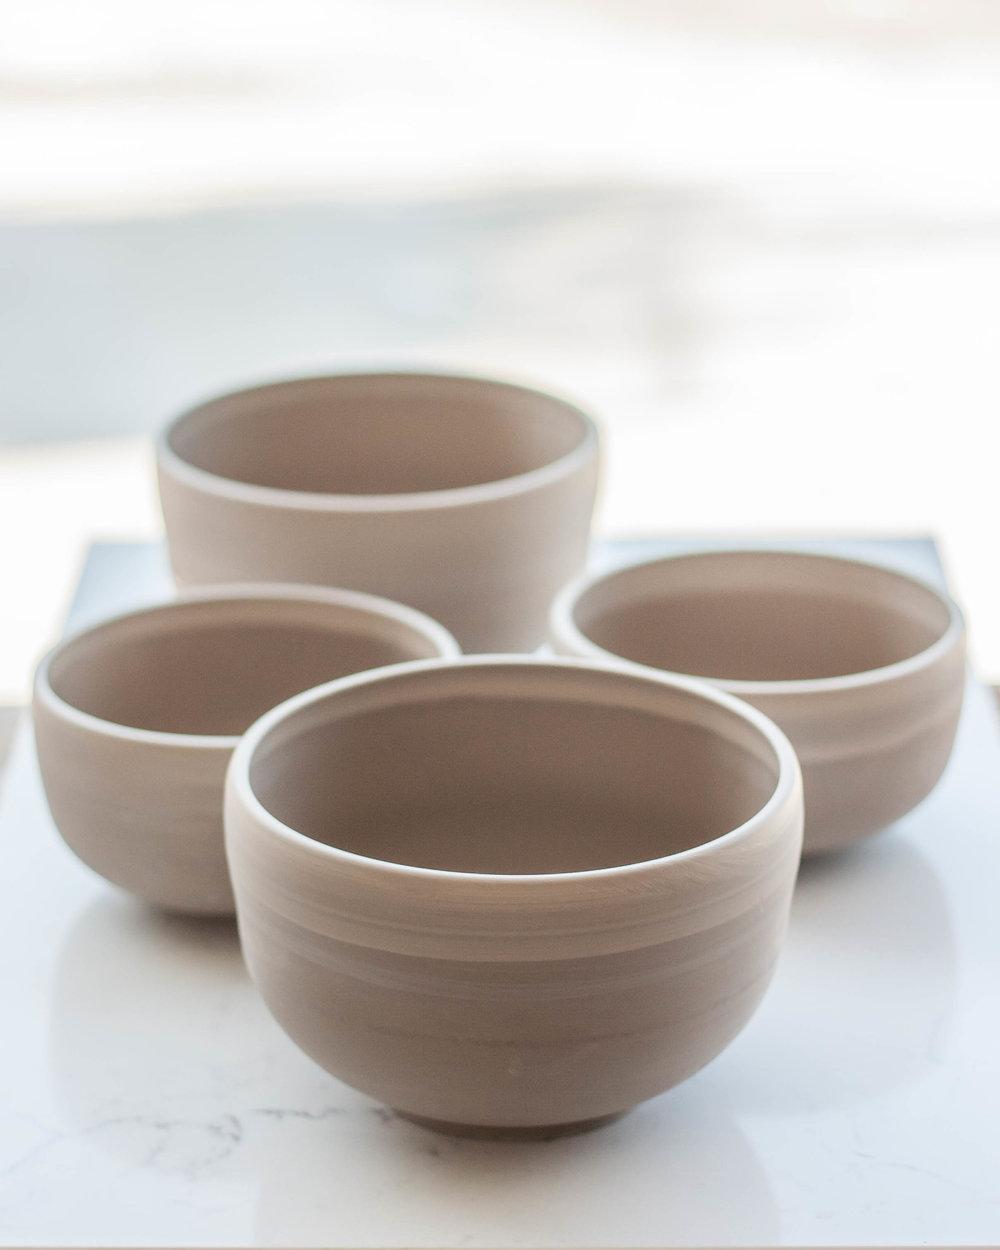 porcelainbowls.jpg